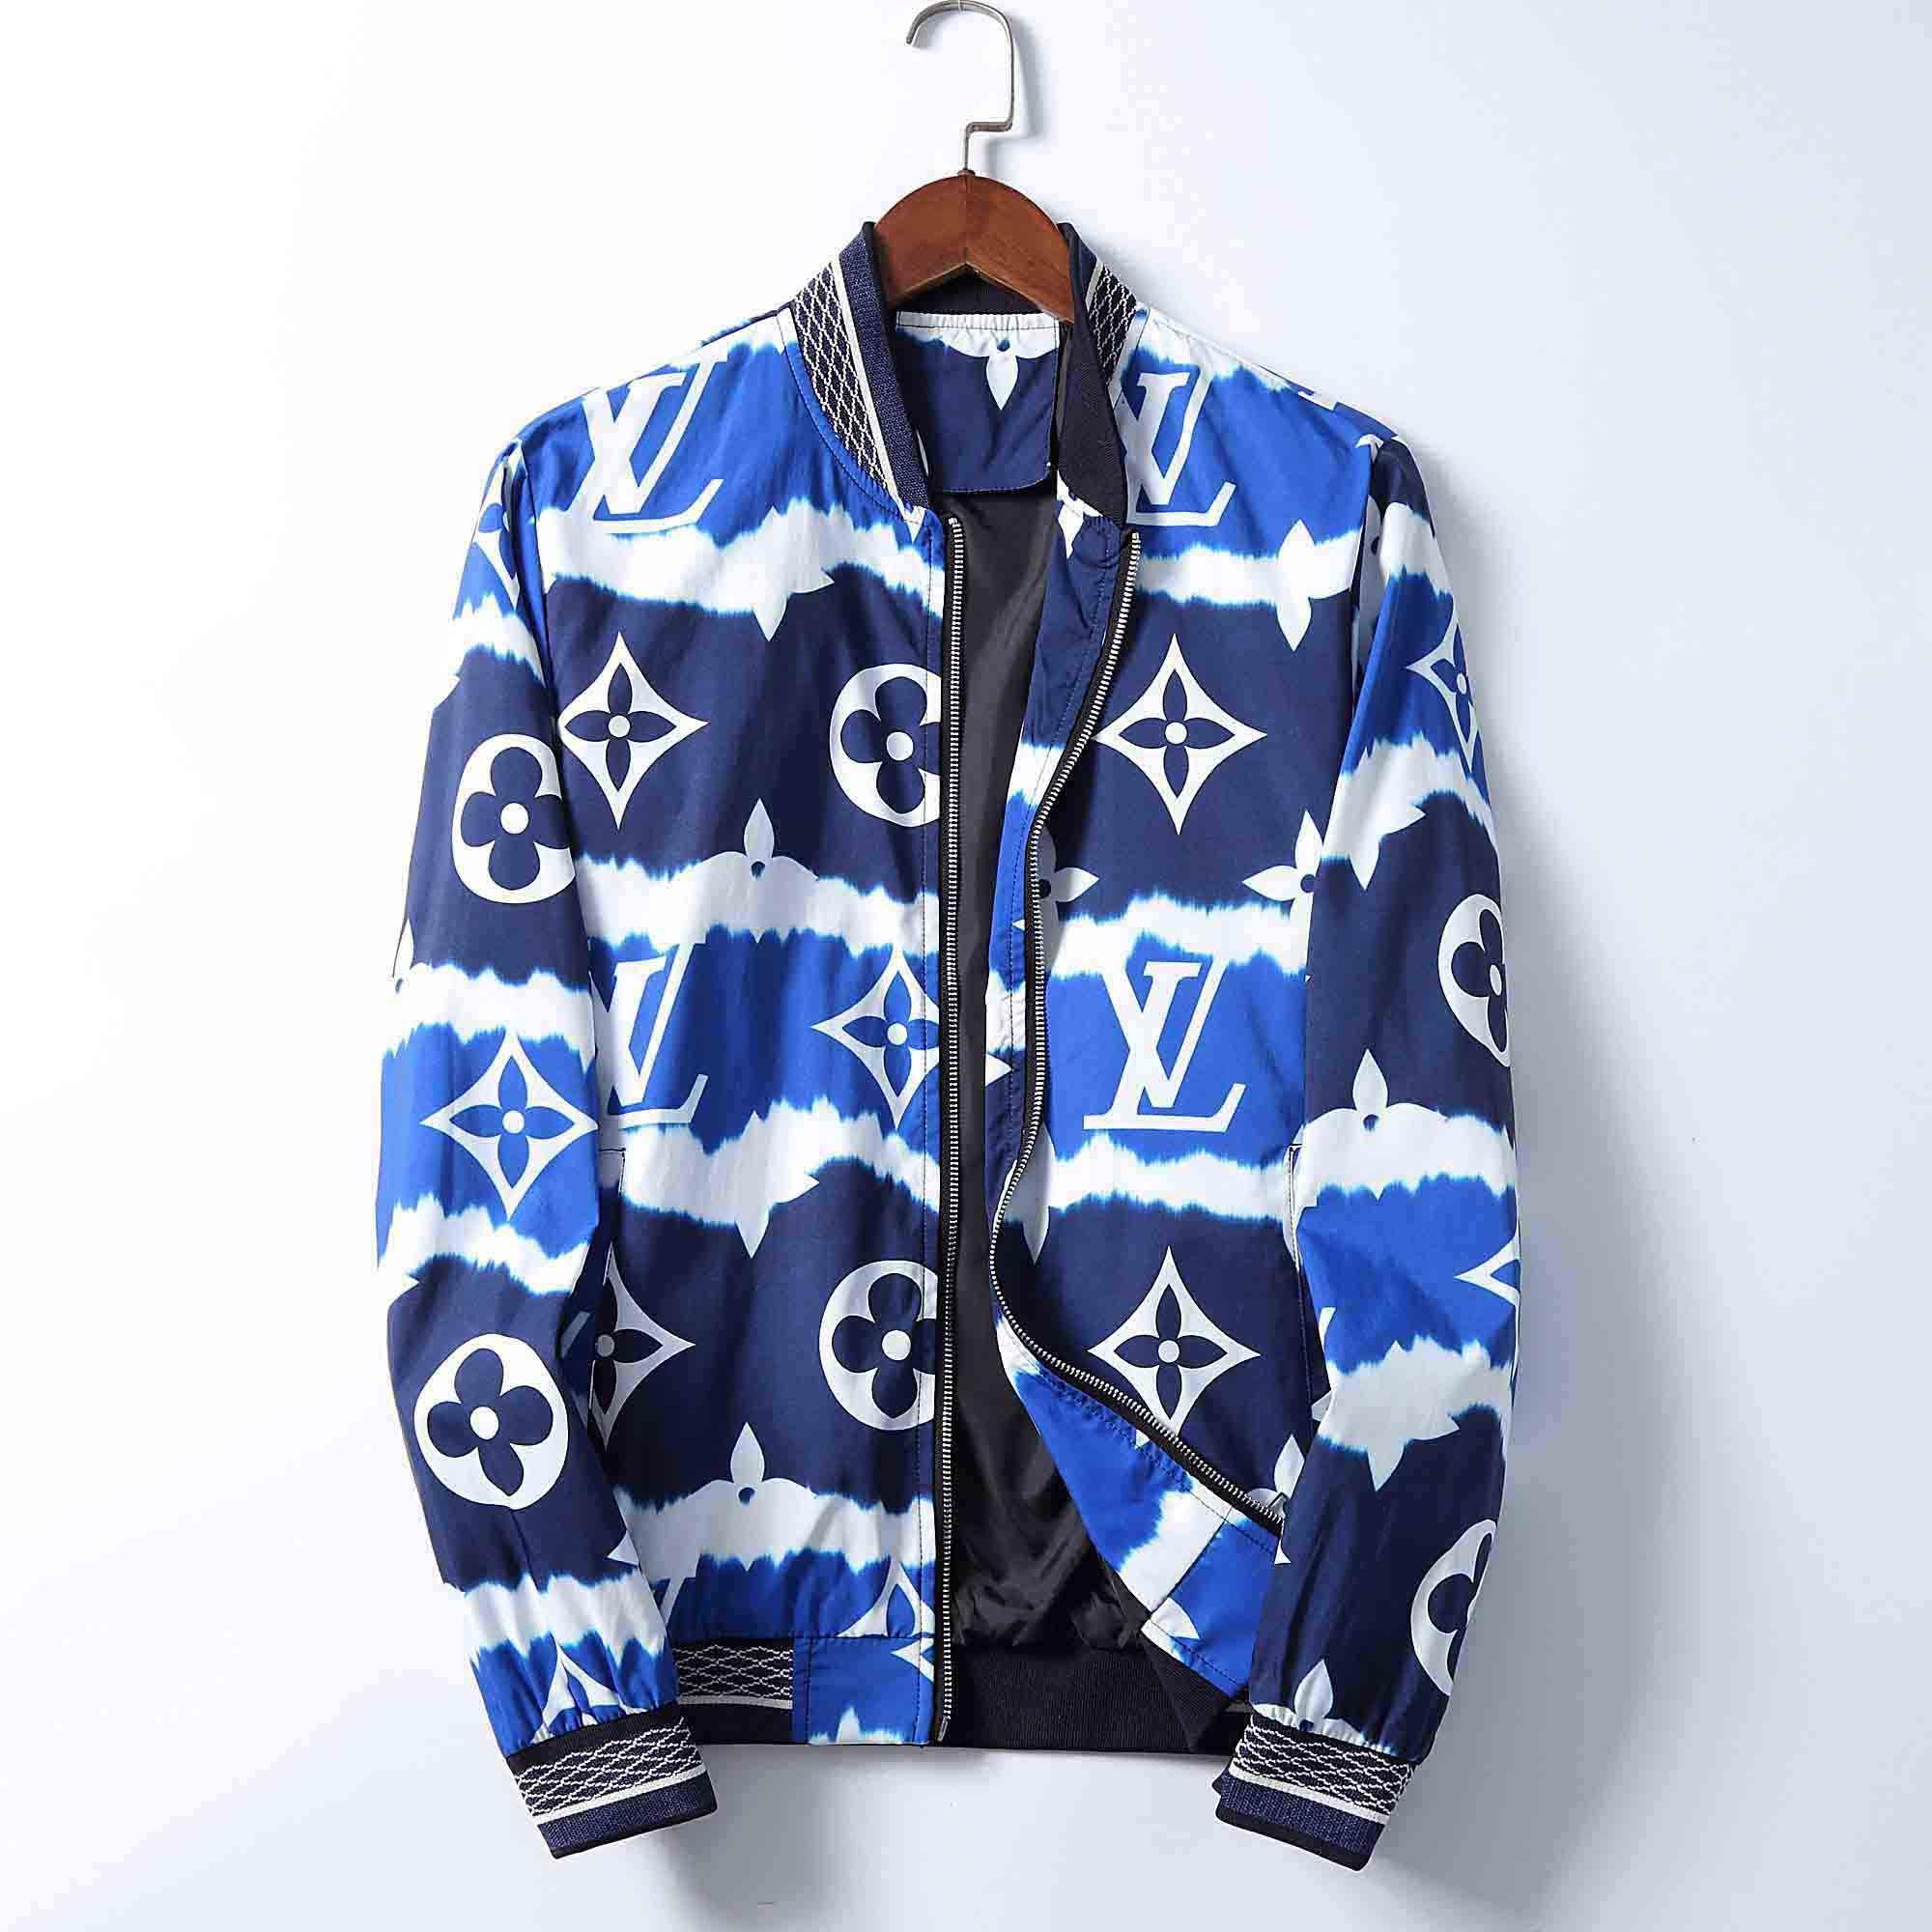 Herbst 2020 neue Herrenjacke Medusa Jacke Mode Persönlichkeit Druck losen Sportswear Designer-Jacke dünne Schicht